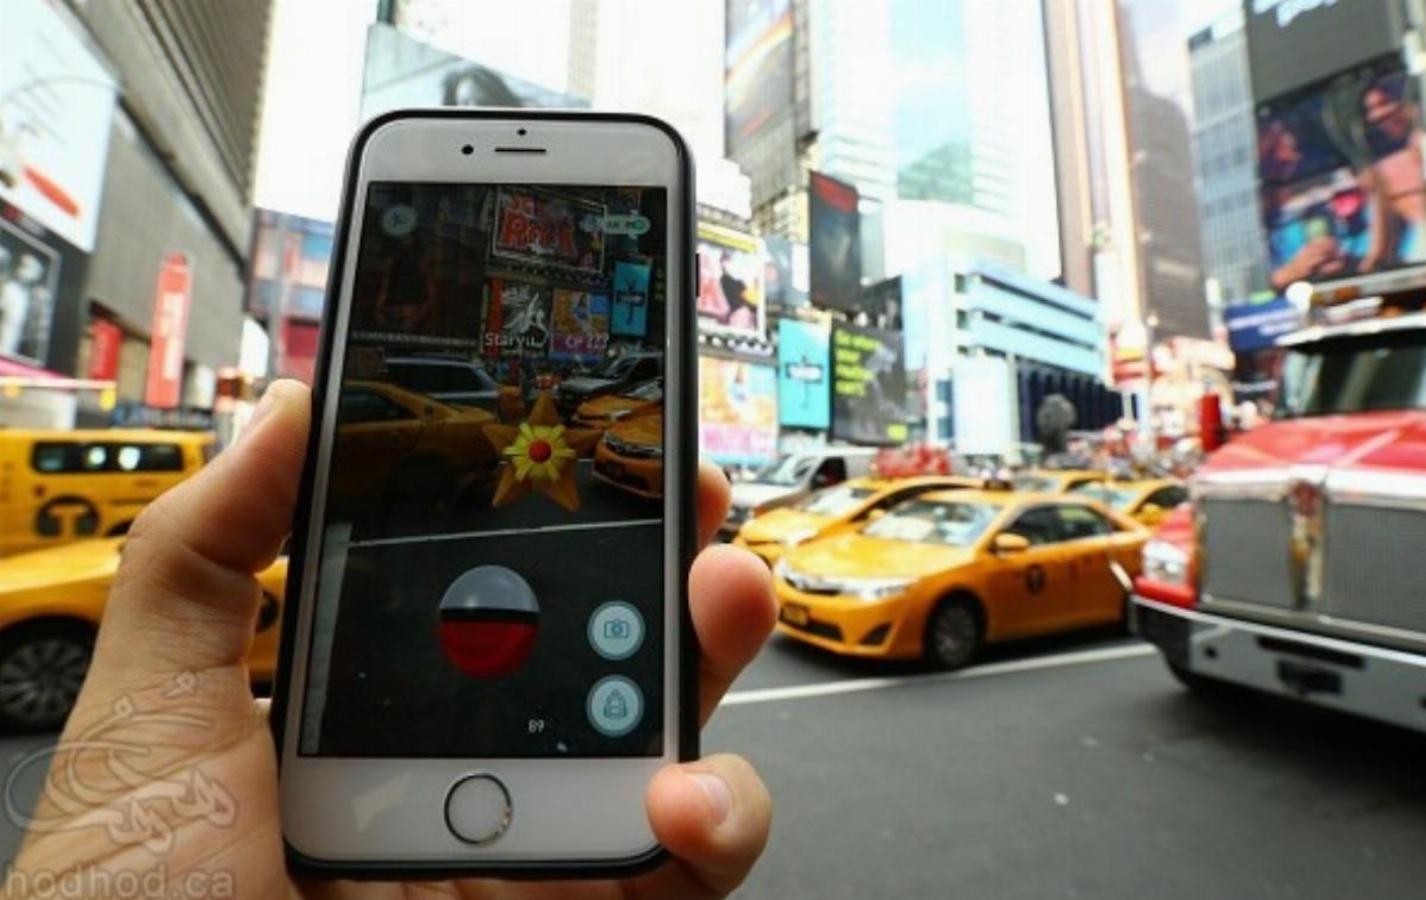 پوکمن گو برای شرکت اپل 3 میلیارد دلار پول خواهد ساخت!